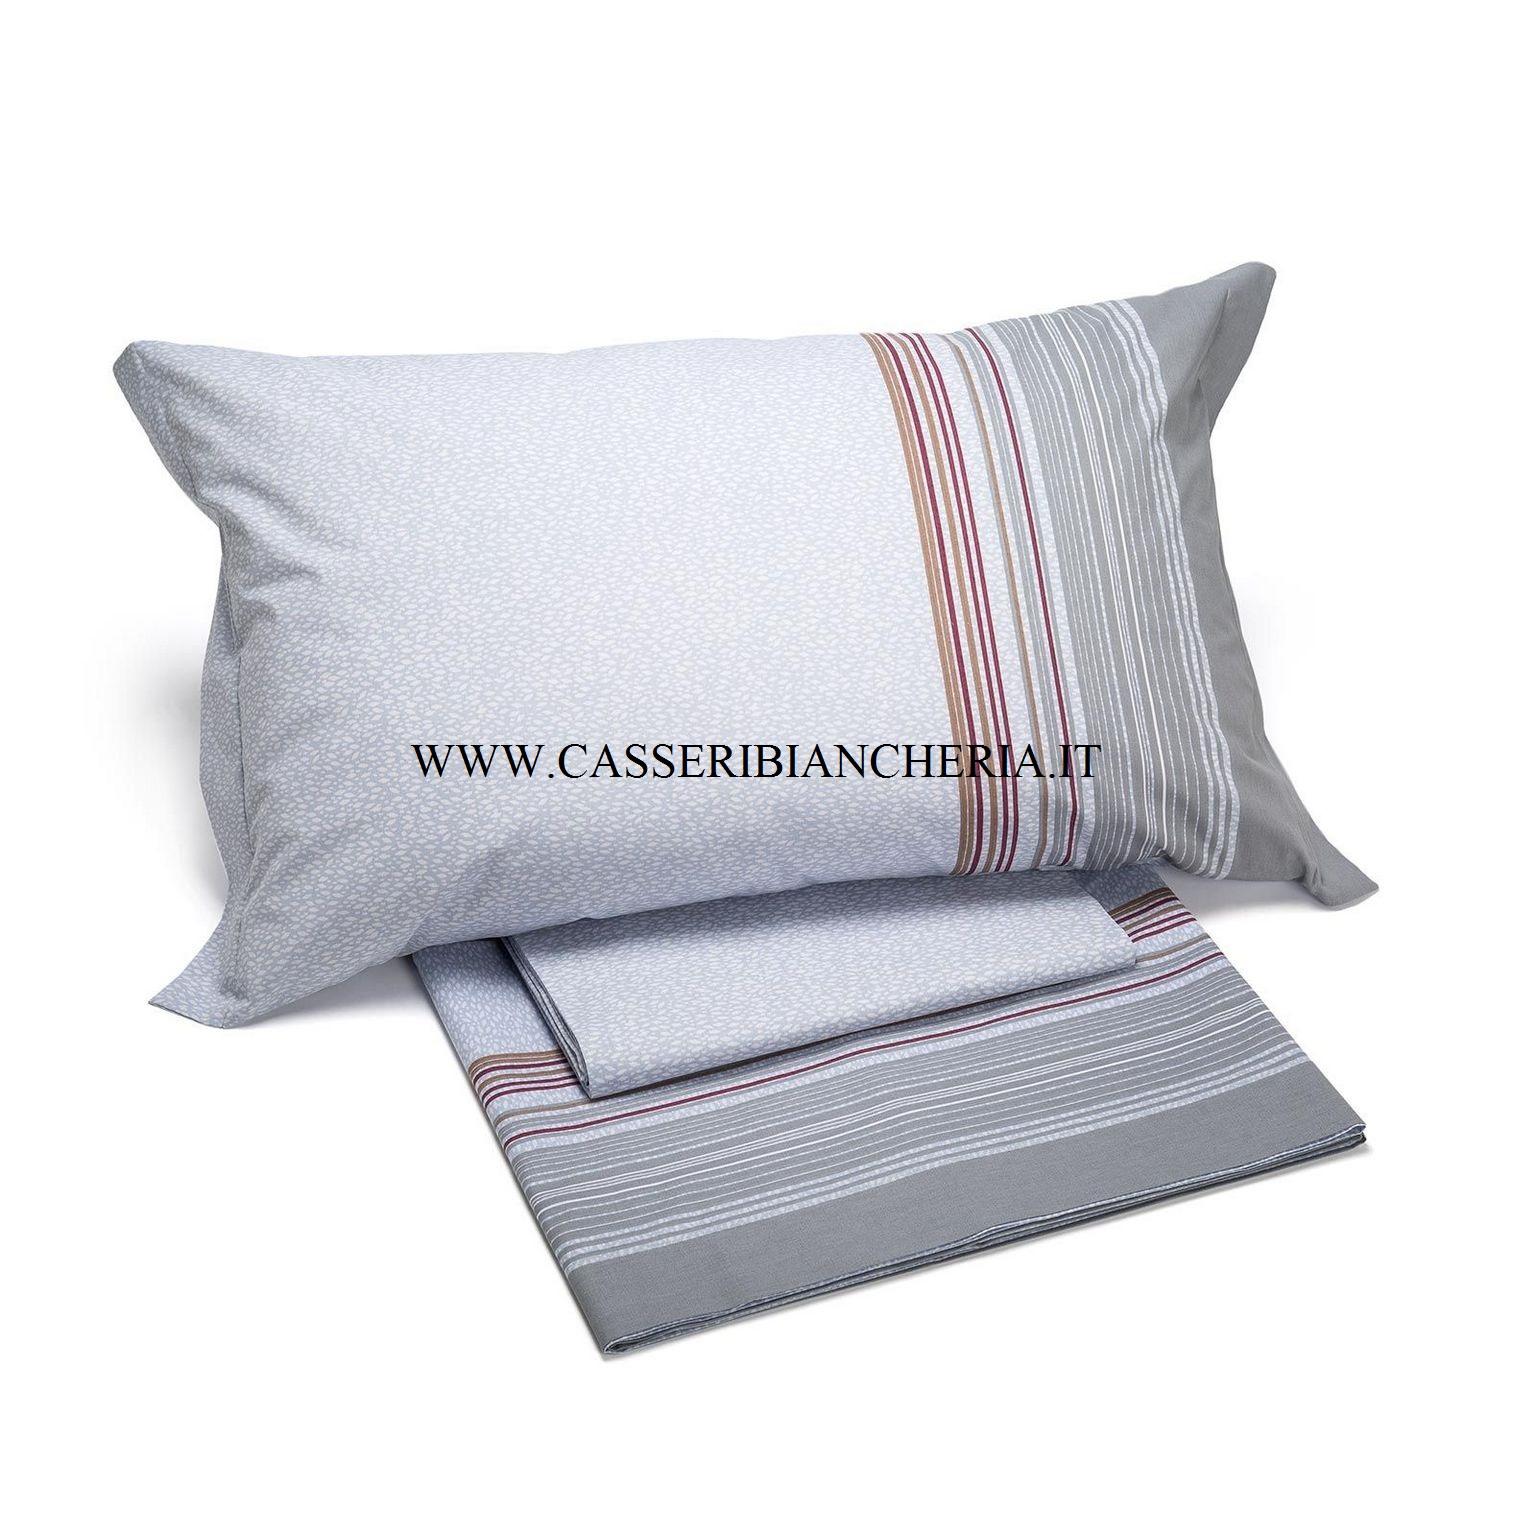 Caleffi completo lenzuola letto singolo 1 piazza - Misure lenzuola letto singolo ...